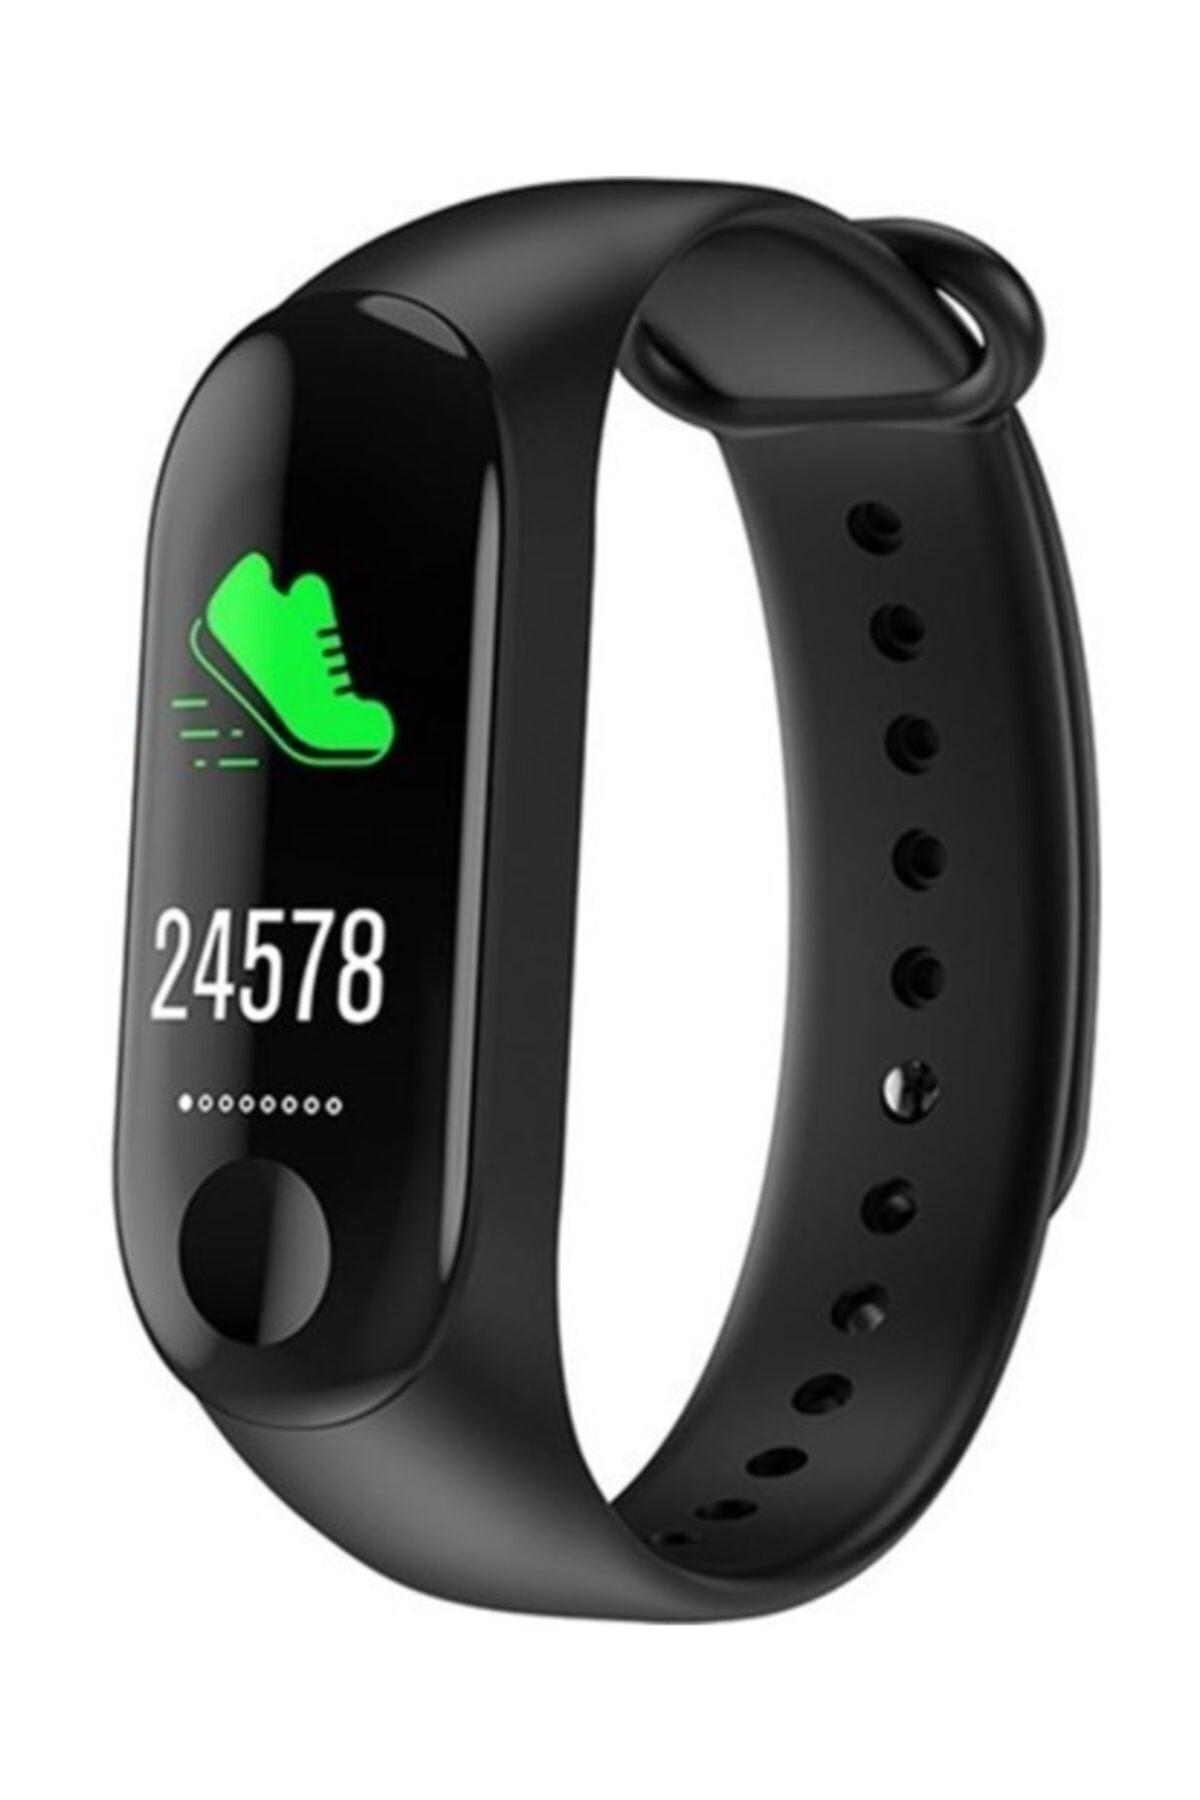 pazariz Band 3 Akıllı Bileklik - Adımsayar - Uyku Takip - Kalp Ritim Ölçer - Renkli Ekran 1